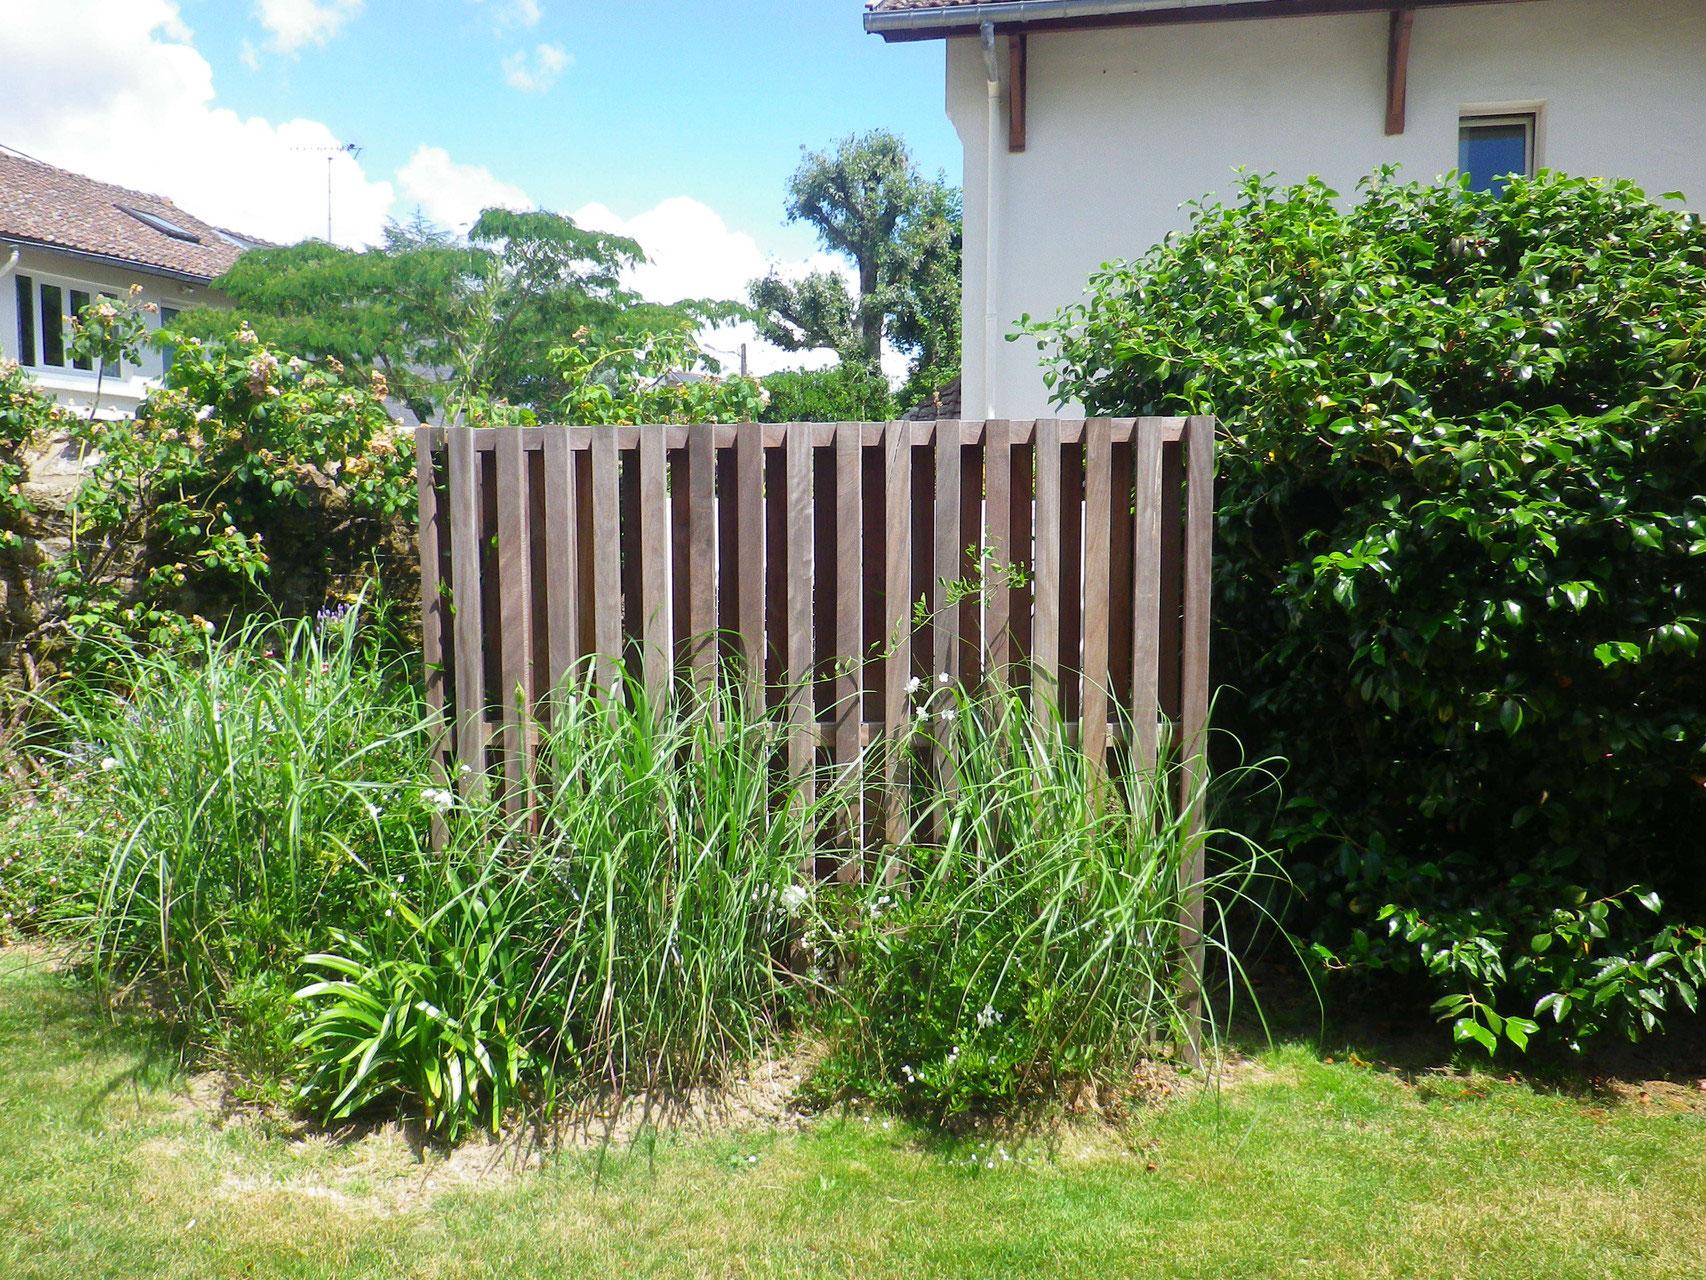 cache pompe chaleur france morbihan baden creation jardin paysagiste. Black Bedroom Furniture Sets. Home Design Ideas